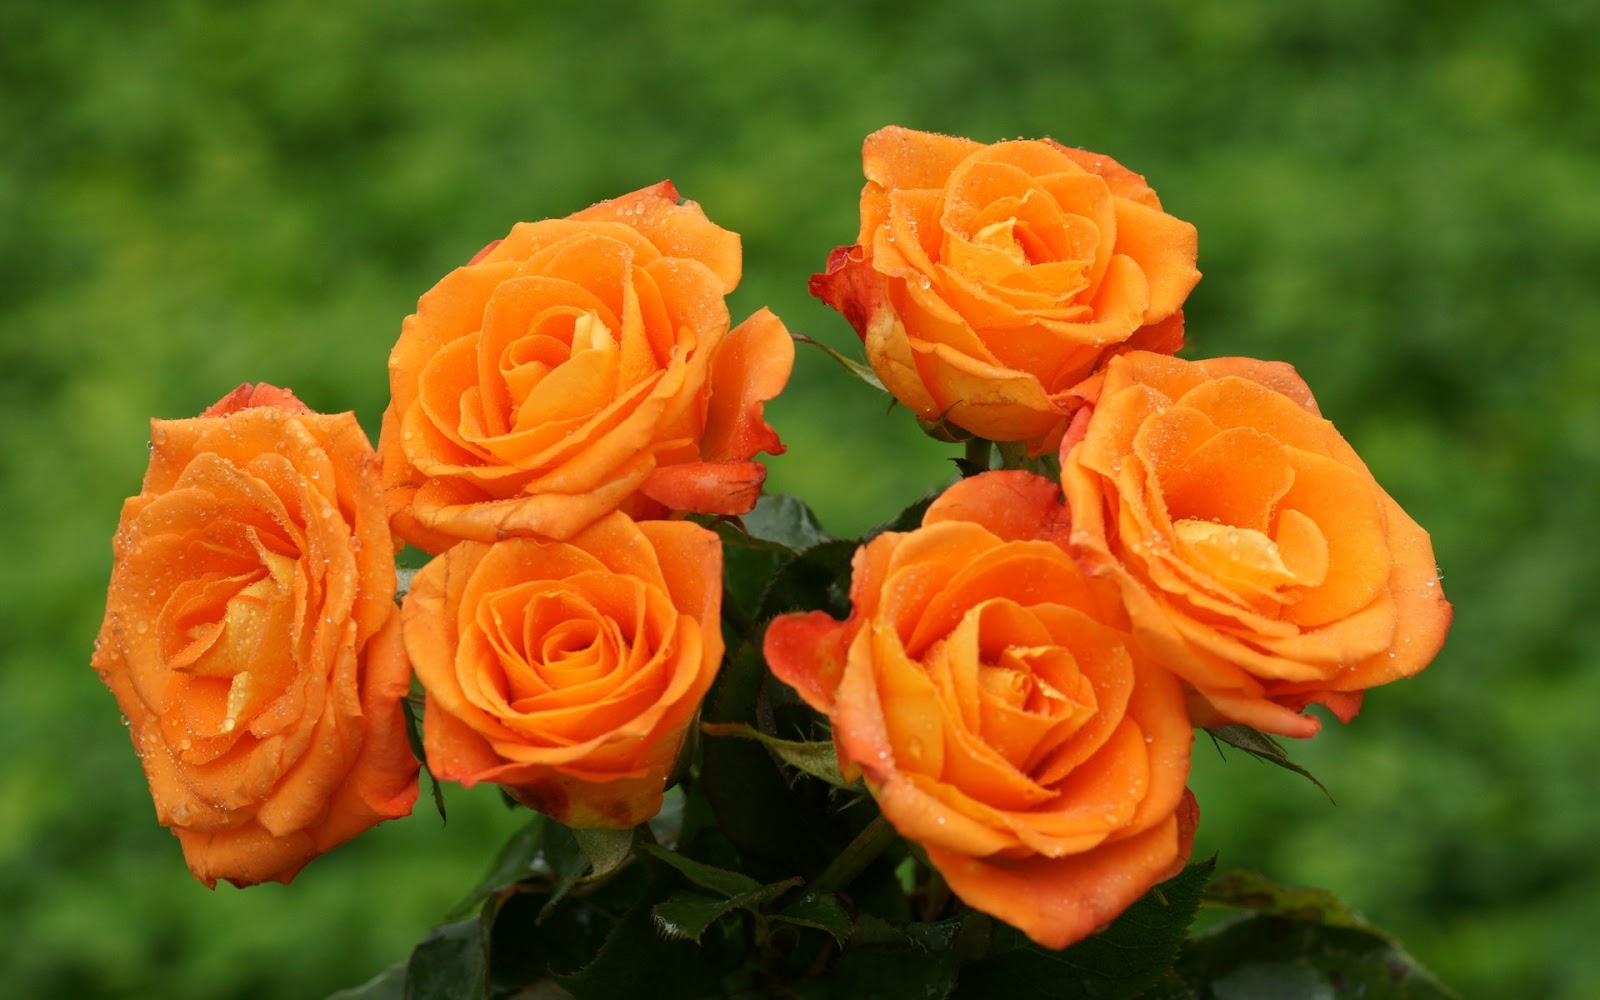 Beautiful roses hd desktop wallpapers in 1080p super hd - Rose desktop wallpaper hd ...